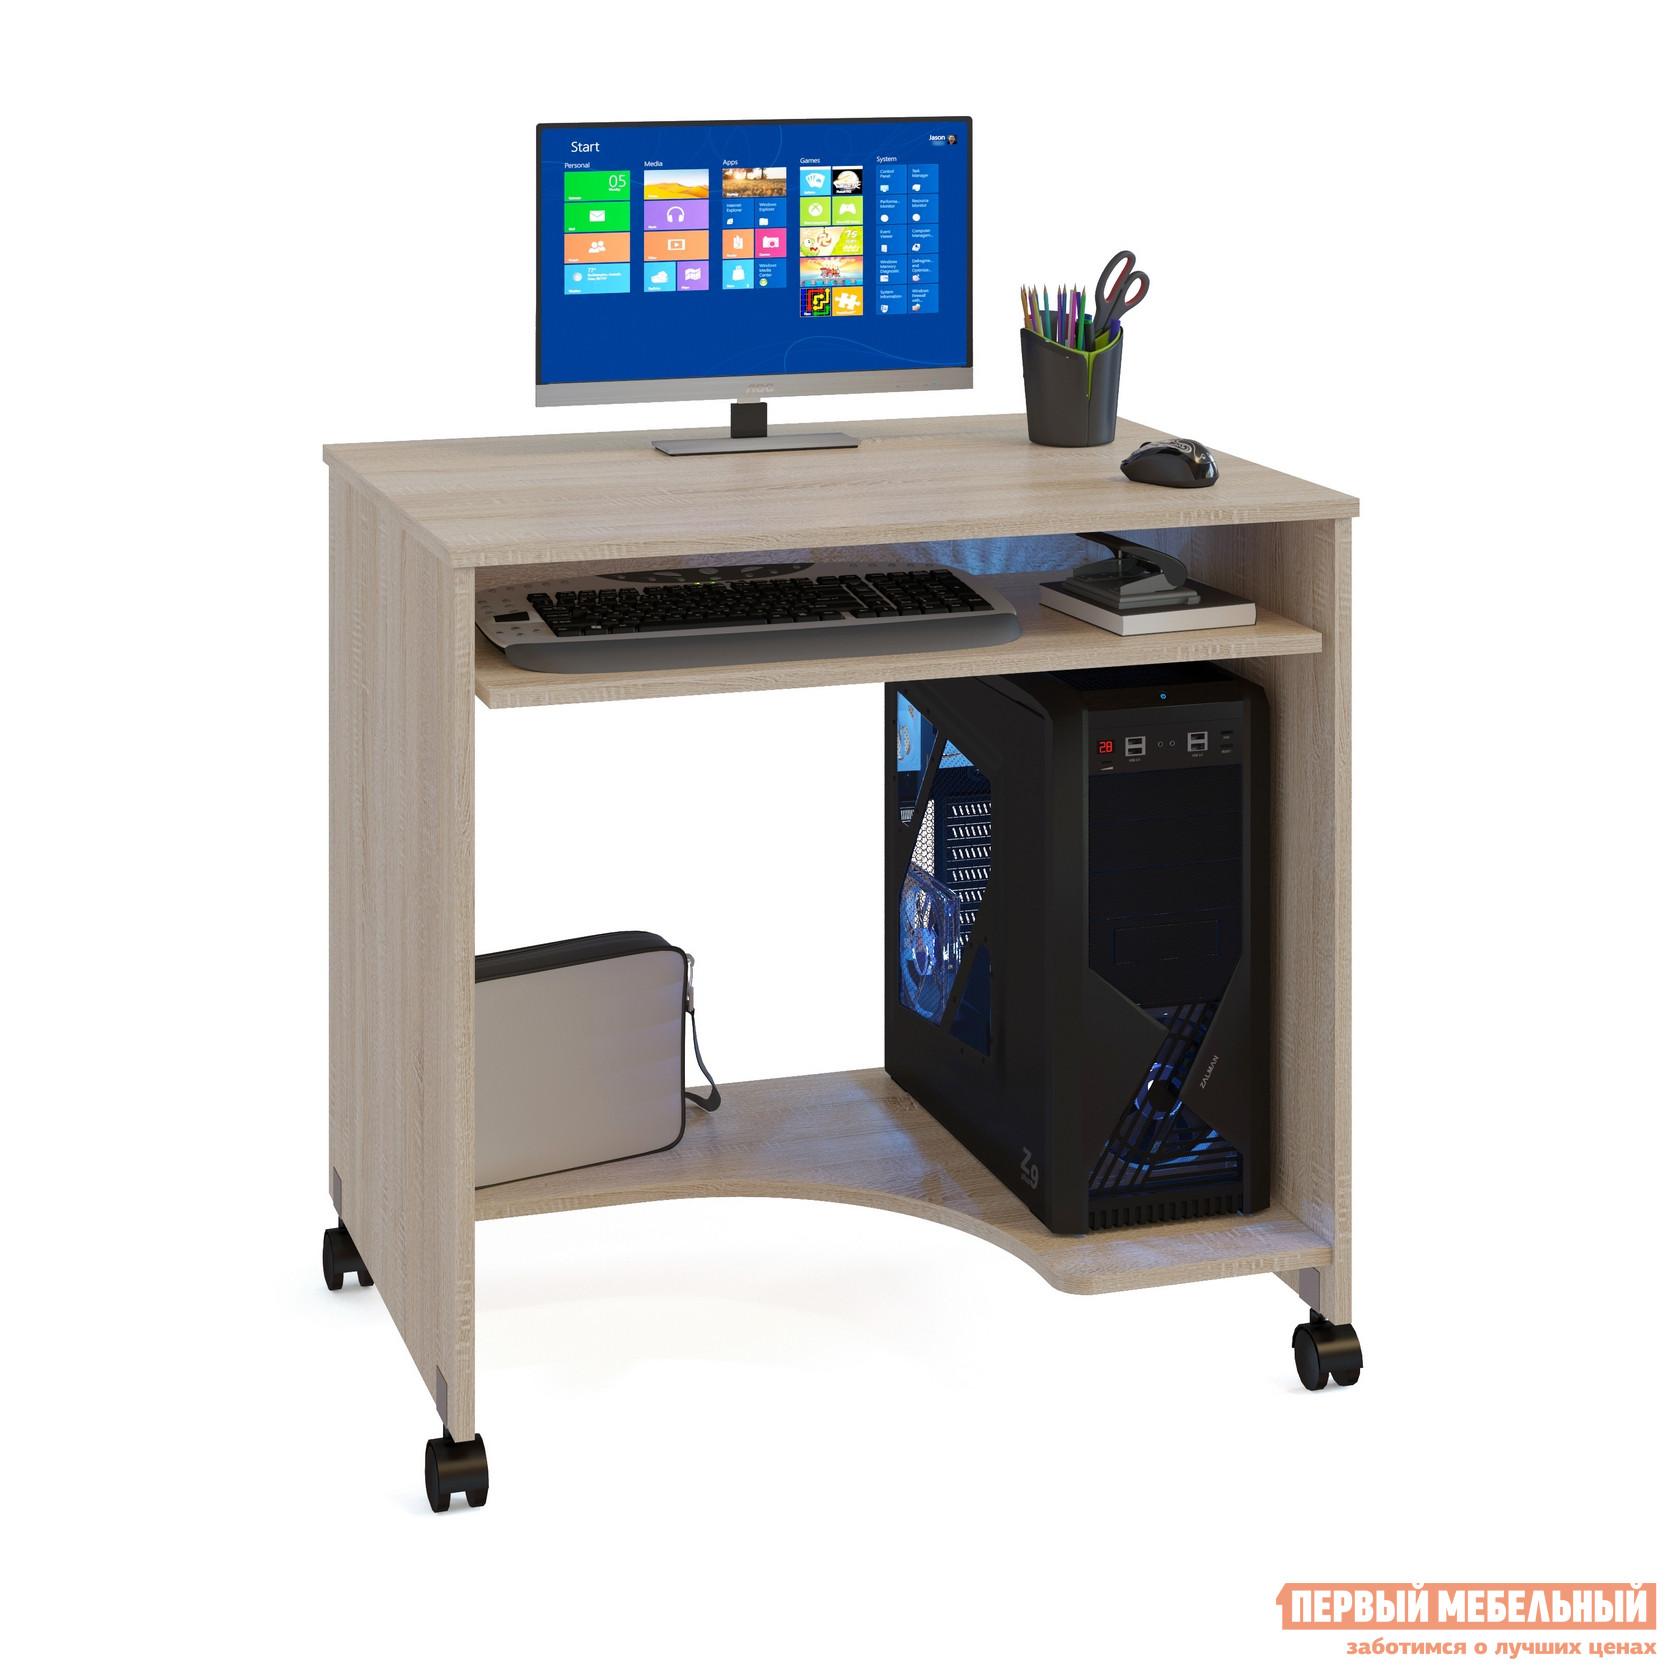 Компьютерный стол Сокол КСТ-15 Дуб СономаКомпьютерные столы<br>Габаритные размеры ВхШхГ 770x800x600 мм. Компактный мобильный столик для ноутбука станет полезной деталью как дома, так и в офисе.  Модель оборудована поворотными колесиками, стол легко можно передвигать и создавать себе удобную рабочую зону в любом месте.  Под столешницей есть выдвижная полка для клавиатуры или необходимых в работе документов.  В основании расположена полка под системный блок. Изделие выполняется из ЛДСП толщиной 16 мм, края столешницы обработаны кромкой ПВХ 2 мм, остальные детали — 0,4 мм.<br><br>Цвет: Светлое дерево<br>Высота мм: 770<br>Ширина мм: 800<br>Глубина мм: 600<br>Кол-во упаковок: 1<br>Форма поставки: В разобранном виде<br>Срок гарантии: 2 года<br>Тип: Прямые<br>Материал: ЛДСП<br>Форма: Прямоугольные<br>Размер: Маленькие<br>Размер: Ширина 80 см<br>Без надстройки: Да<br>На колесиках: Да<br>С полками: Да